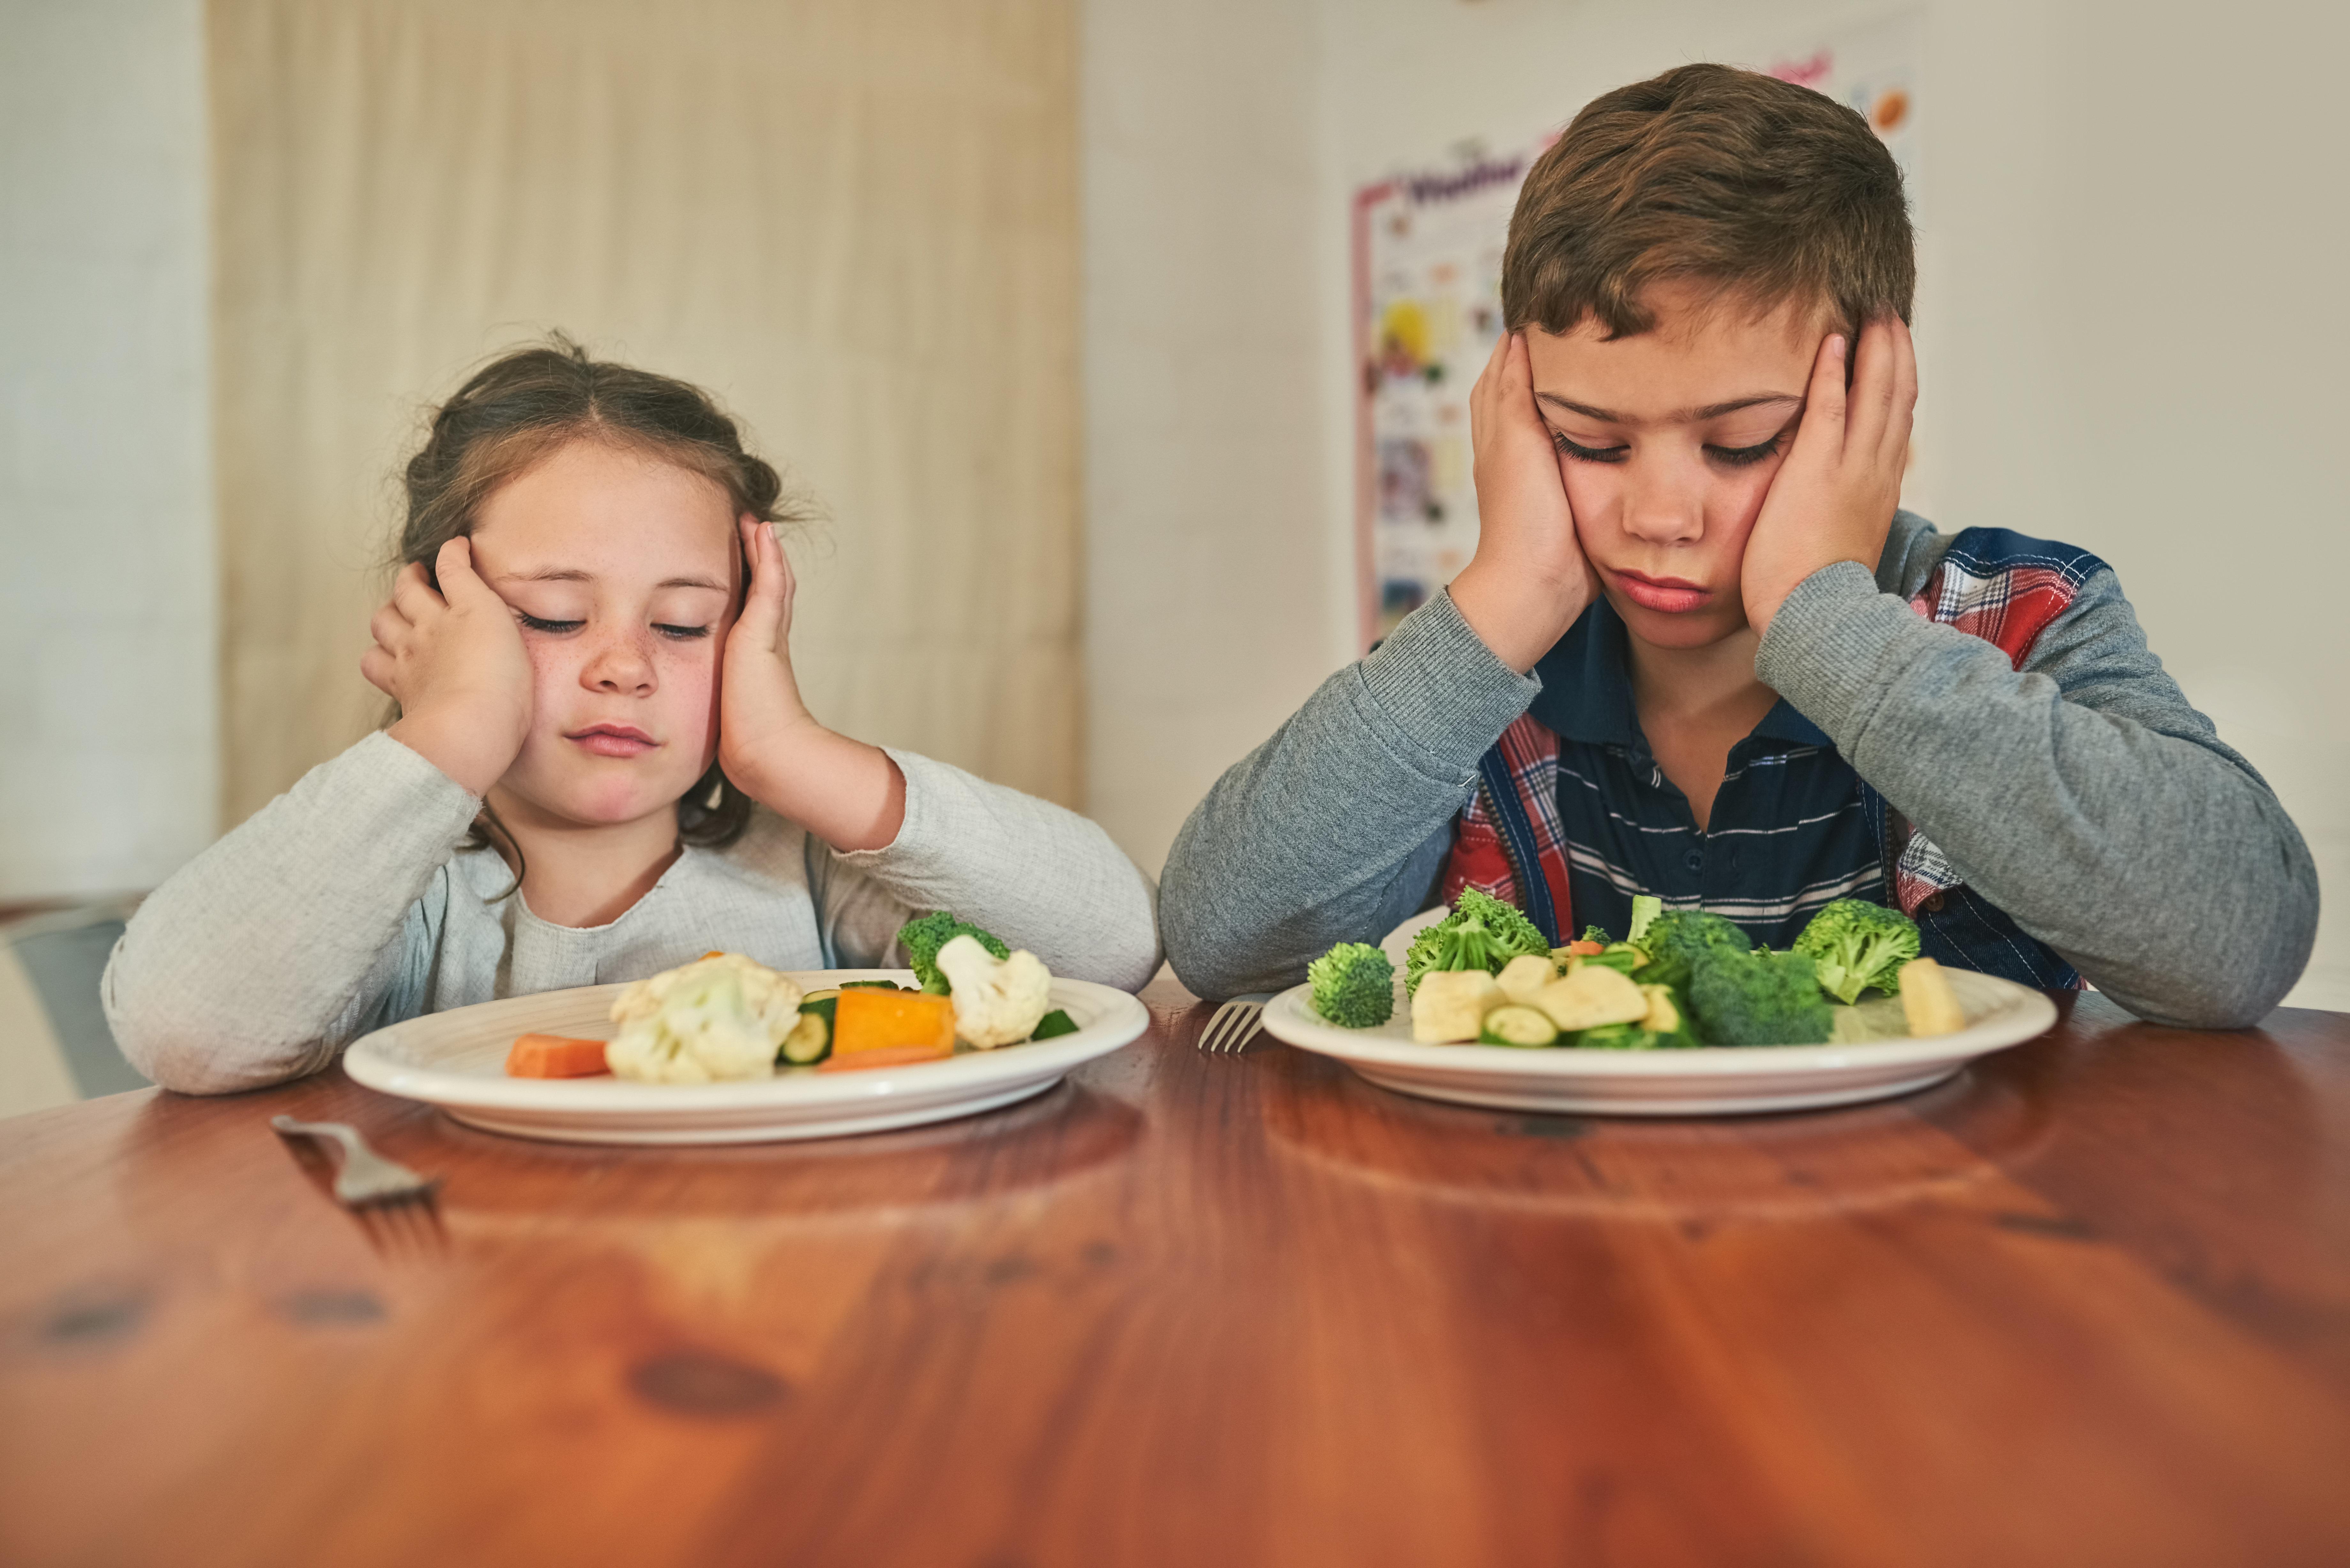 Votre enfant est difficile? Voici comment il veut que sa nourriture soit